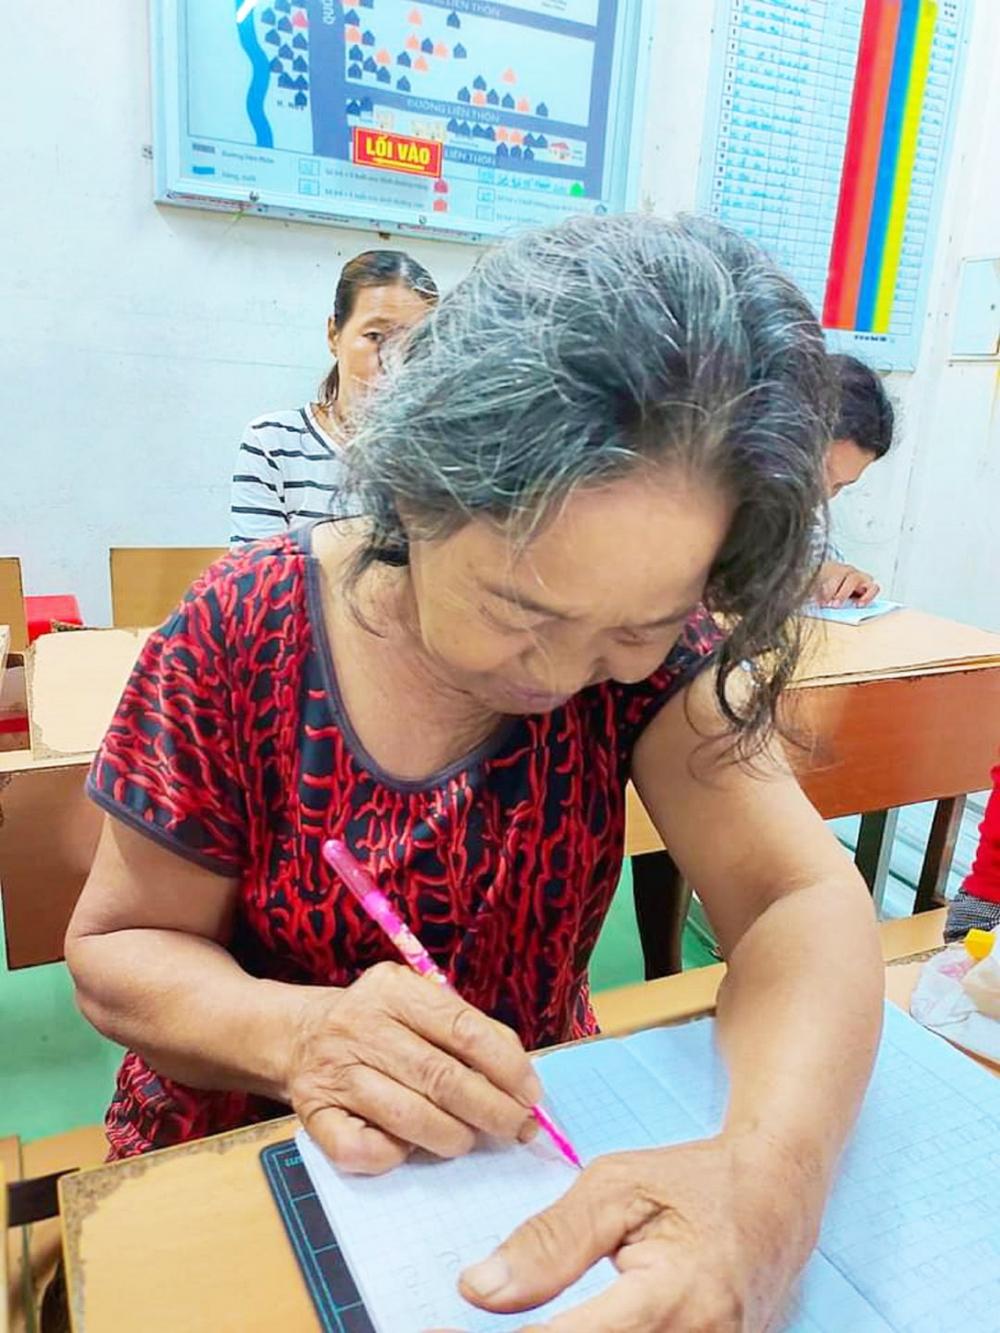 Gần 60 tuổi, bà Hồ Thị Dần đang nắn nót từng nét chữ để tự ký tên mình